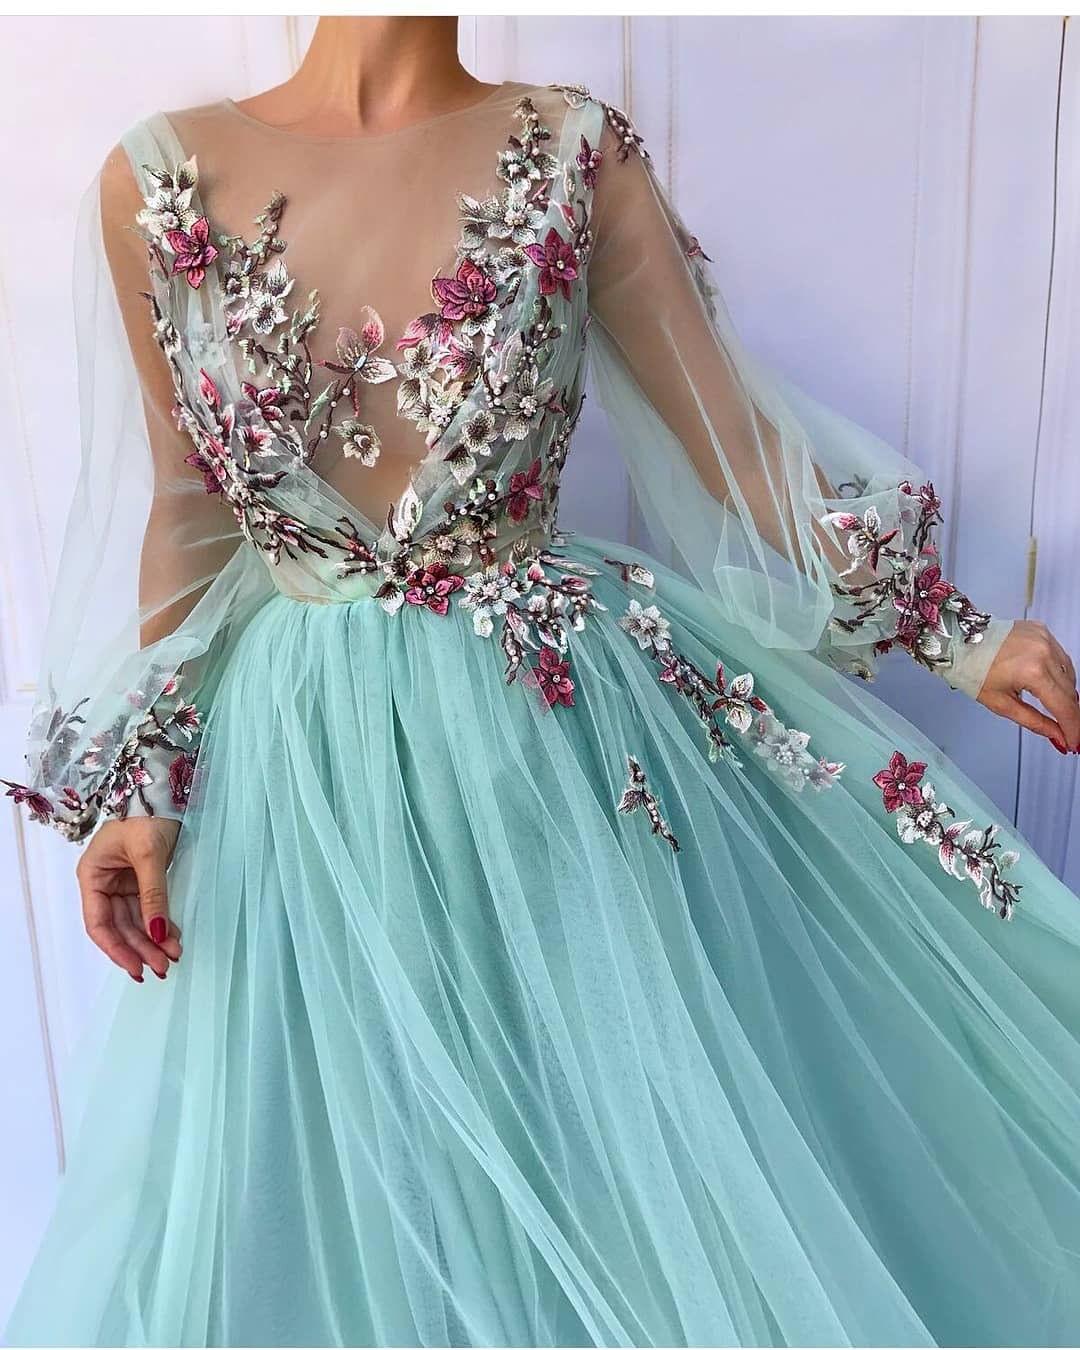 Abend Leicht Shopping Queen Abendkleid Spezialgebiet17 Großartig Shopping Queen Abendkleid Design